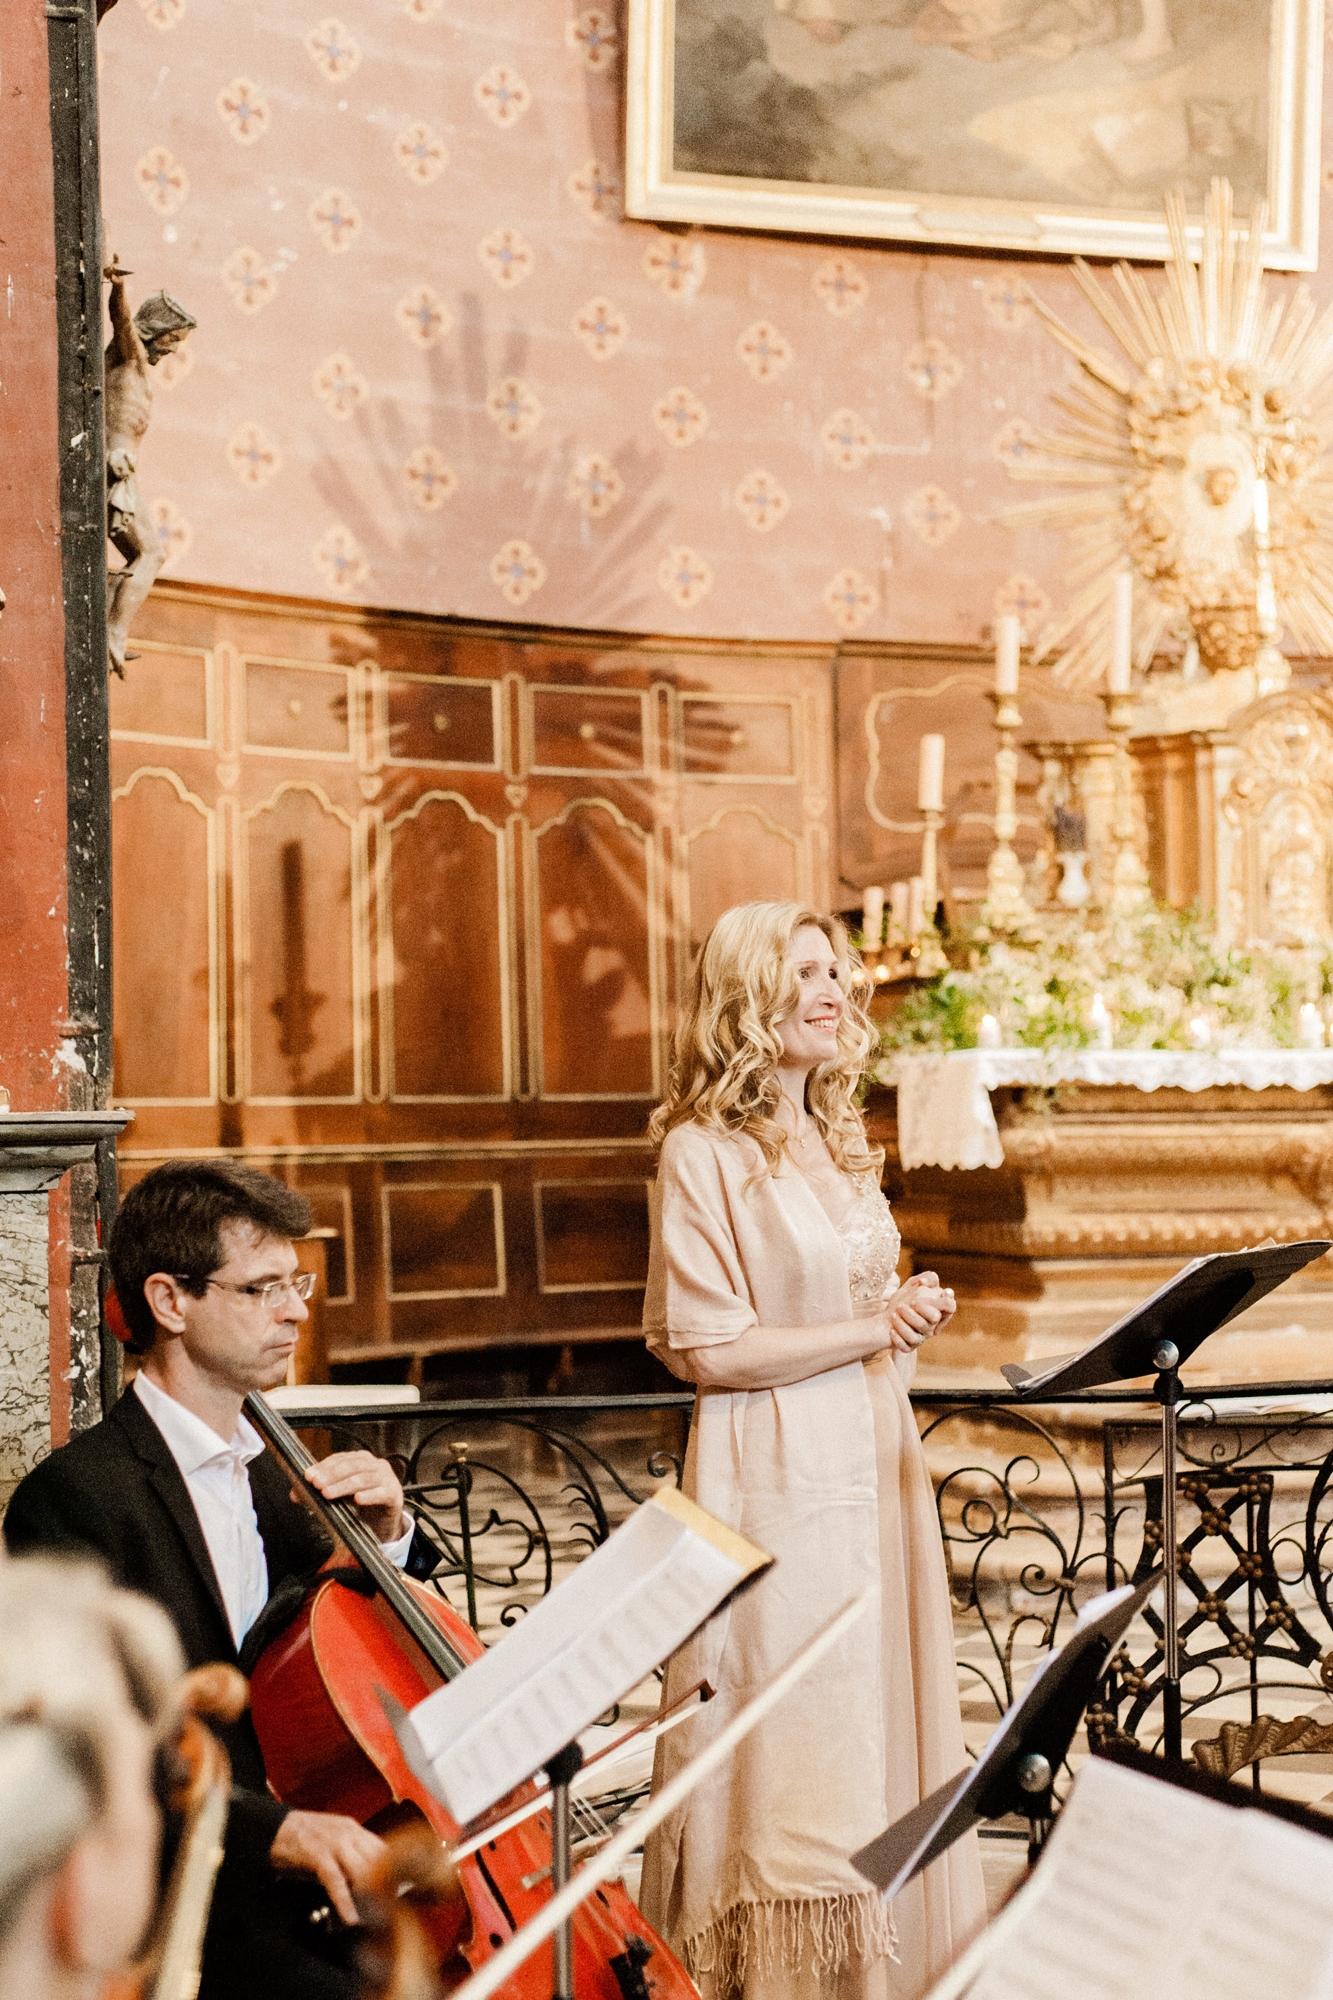 chanteuse messe mariage église cérémonie messe bénédiction animation lyrique chant aria musique mariage eglise